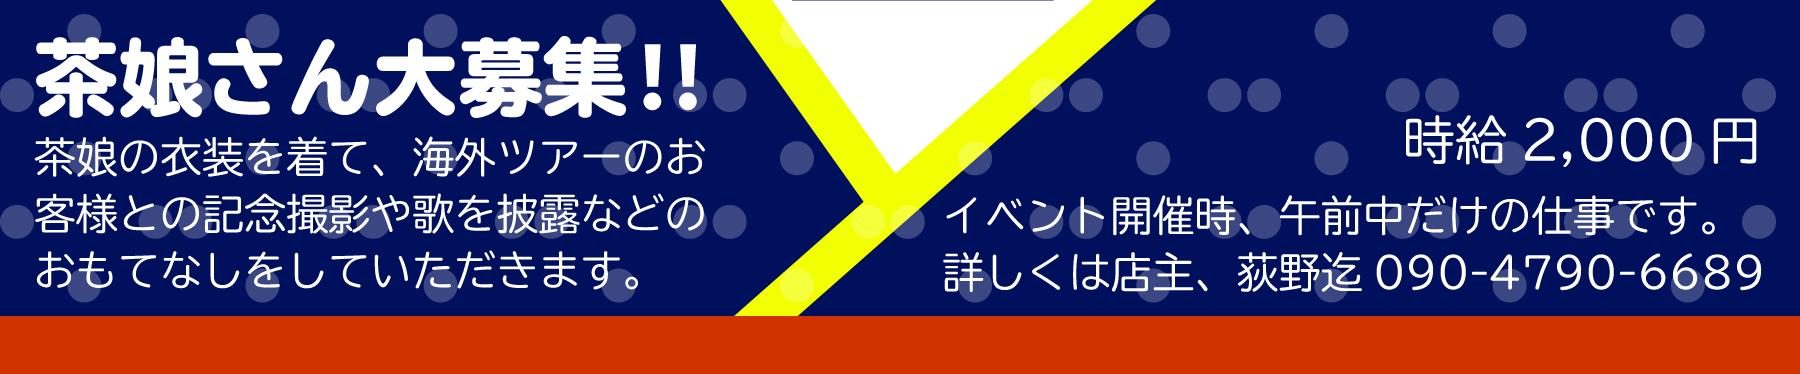 【お茶摘みイベントのお手伝いです】茶娘さん大募集!!